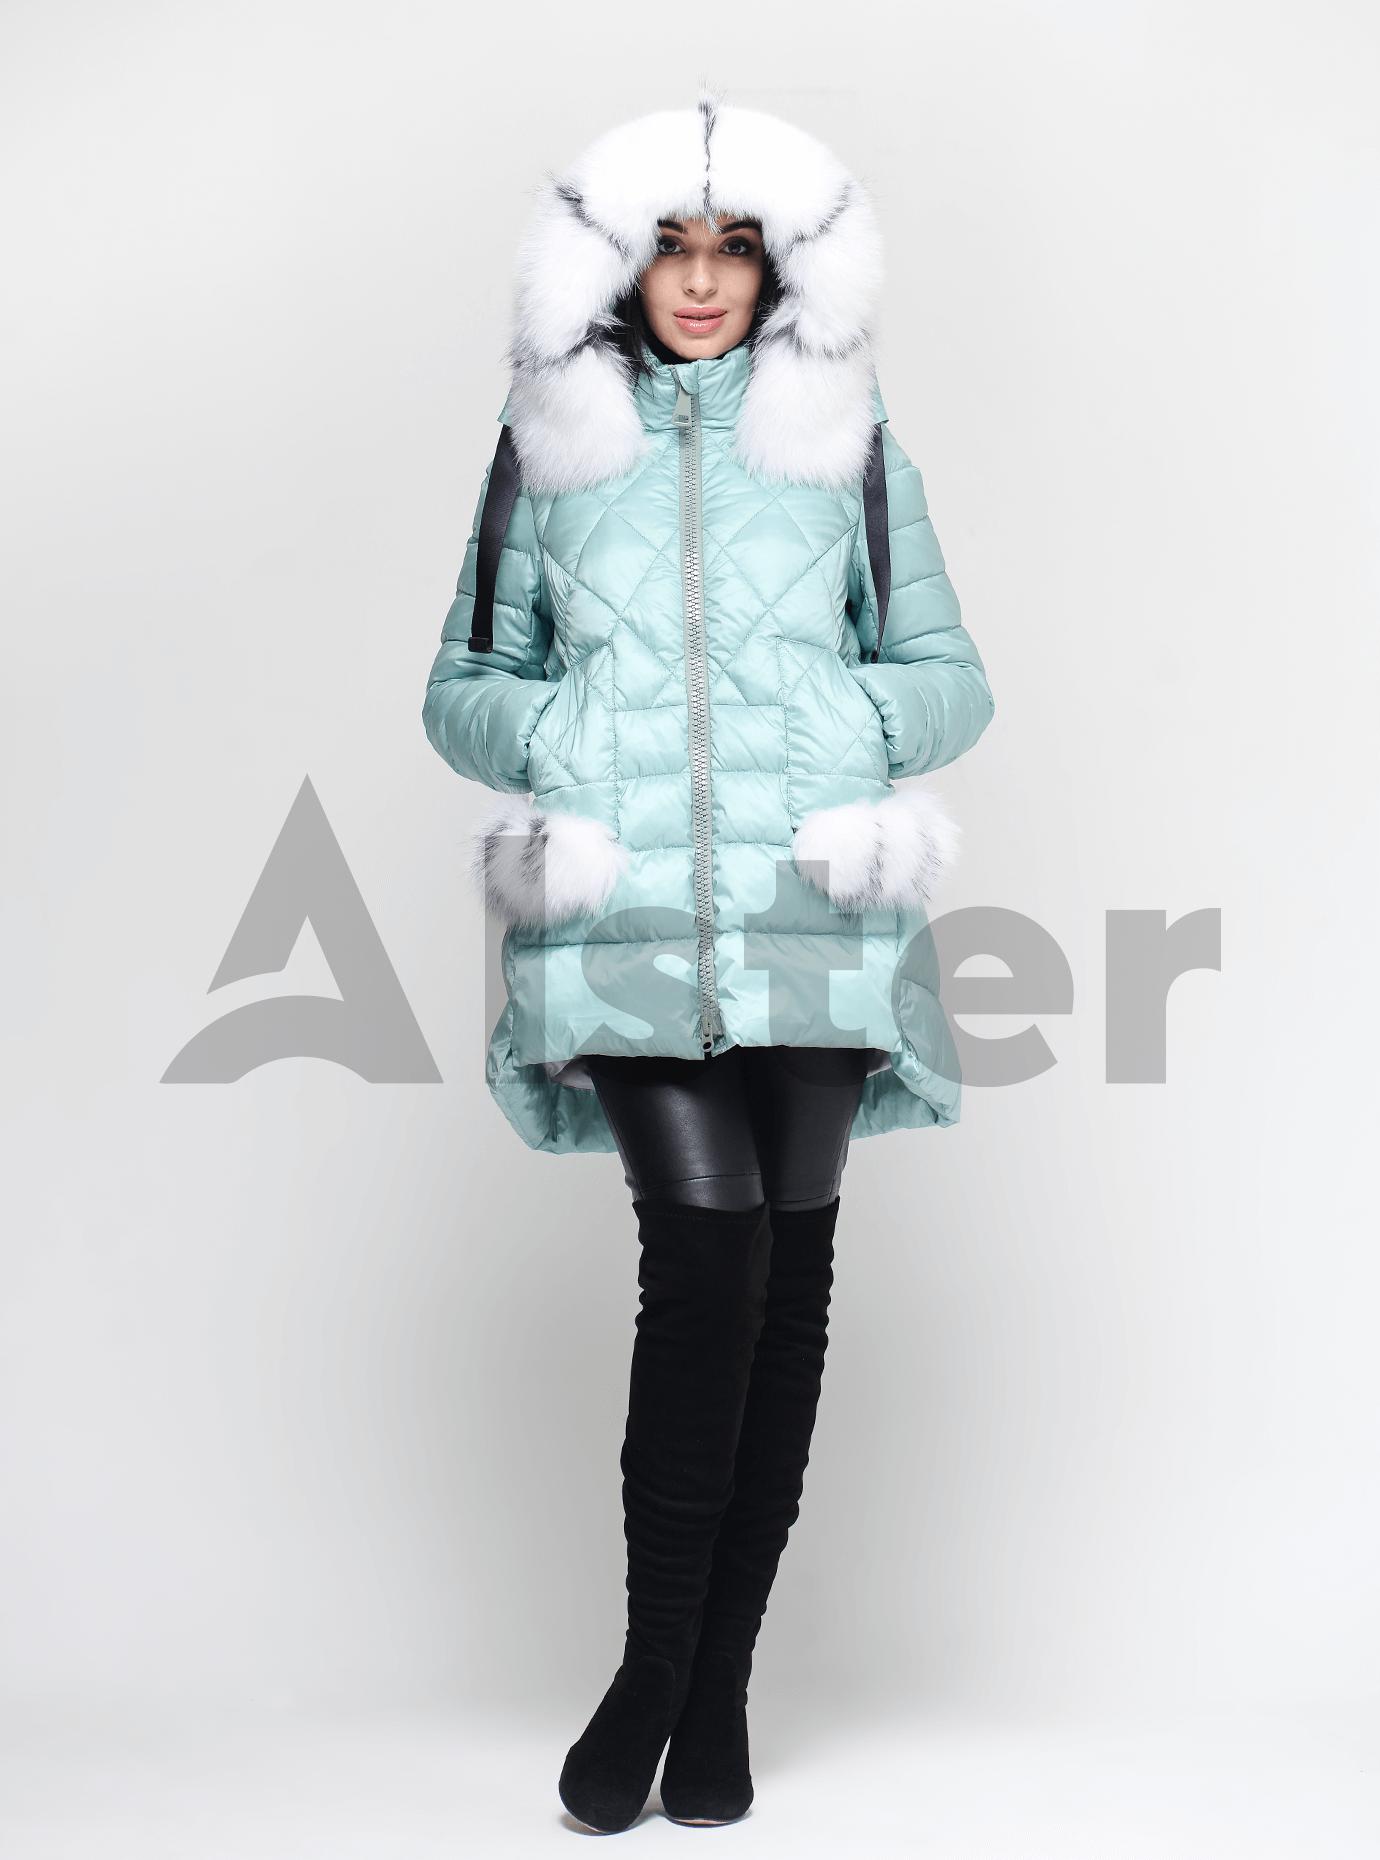 Куртка зимняя женская с мехом Мята XL (02-4697): фото - Alster.ua